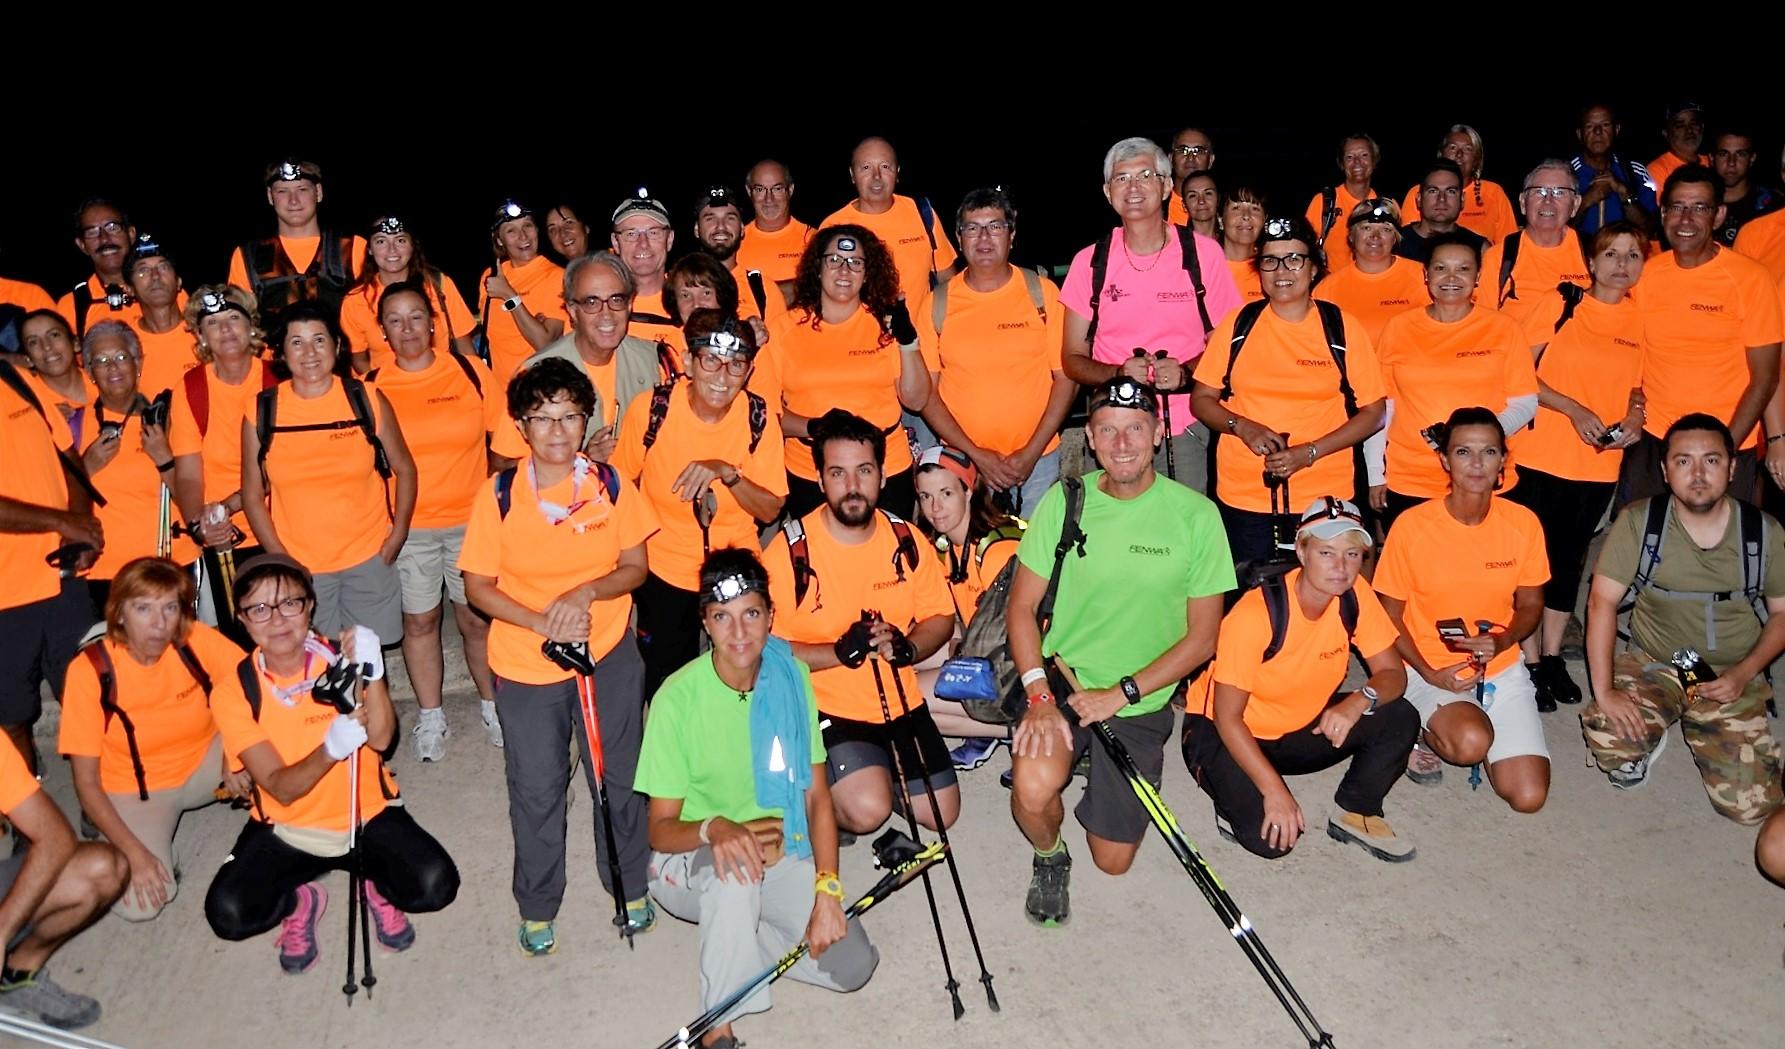 Este sábado día 5 se realizará la 10ª Caminata Nocturna  que organizan la FENWA y las concejalías de deportes de l'Alfàs del Pi y Altea